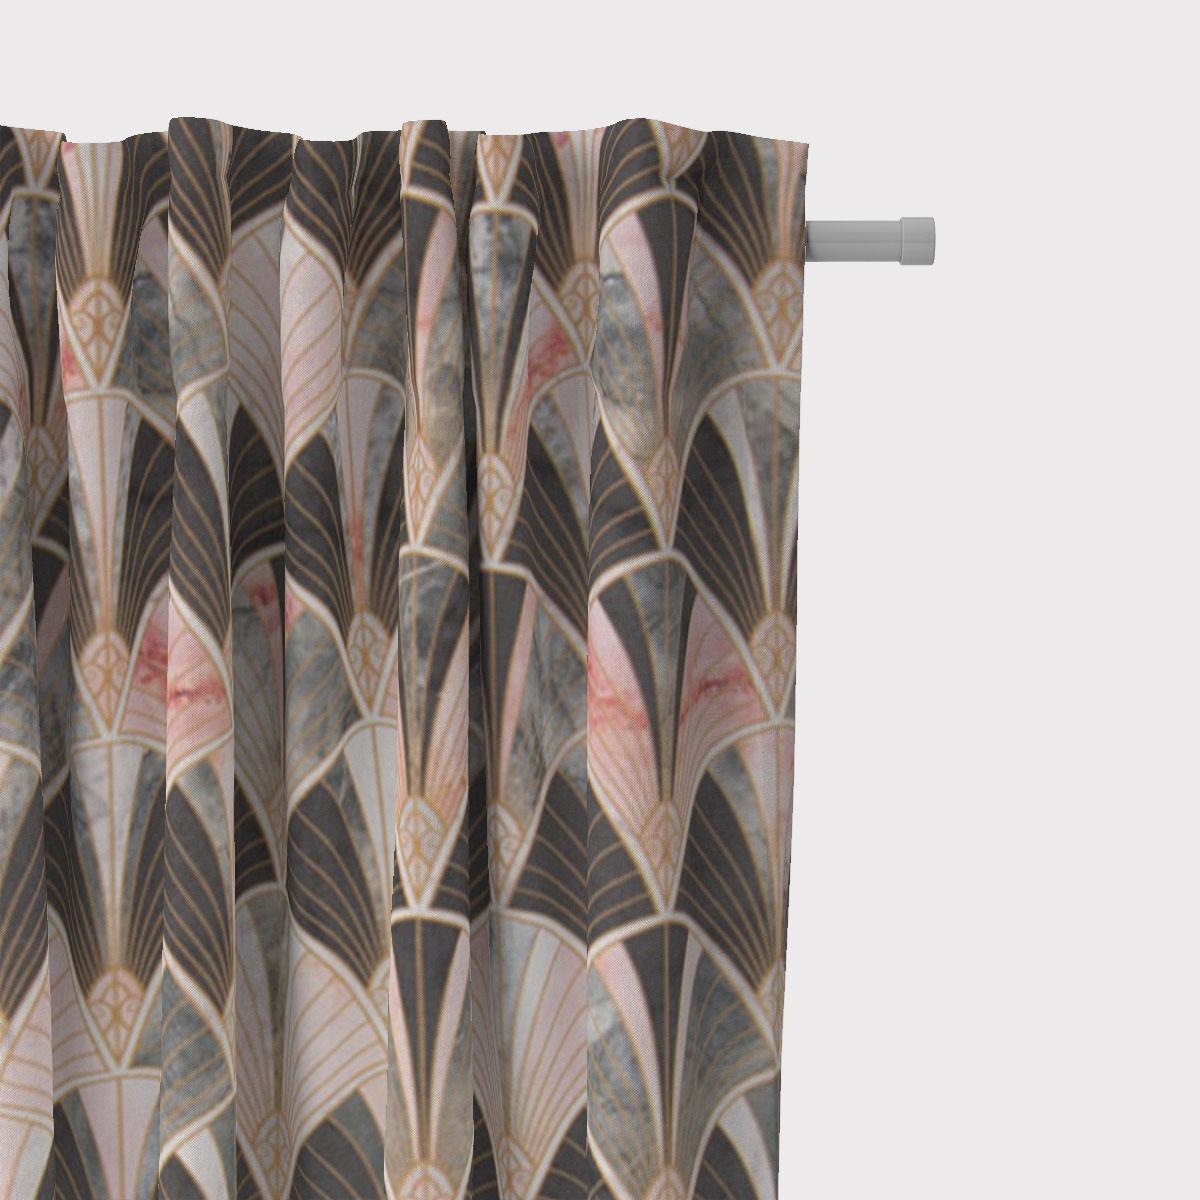 SCHÖNER LEBEN. Vorhang Art Deco Bogen Marmor grün rosa braun 245cm oder Wunschlänge